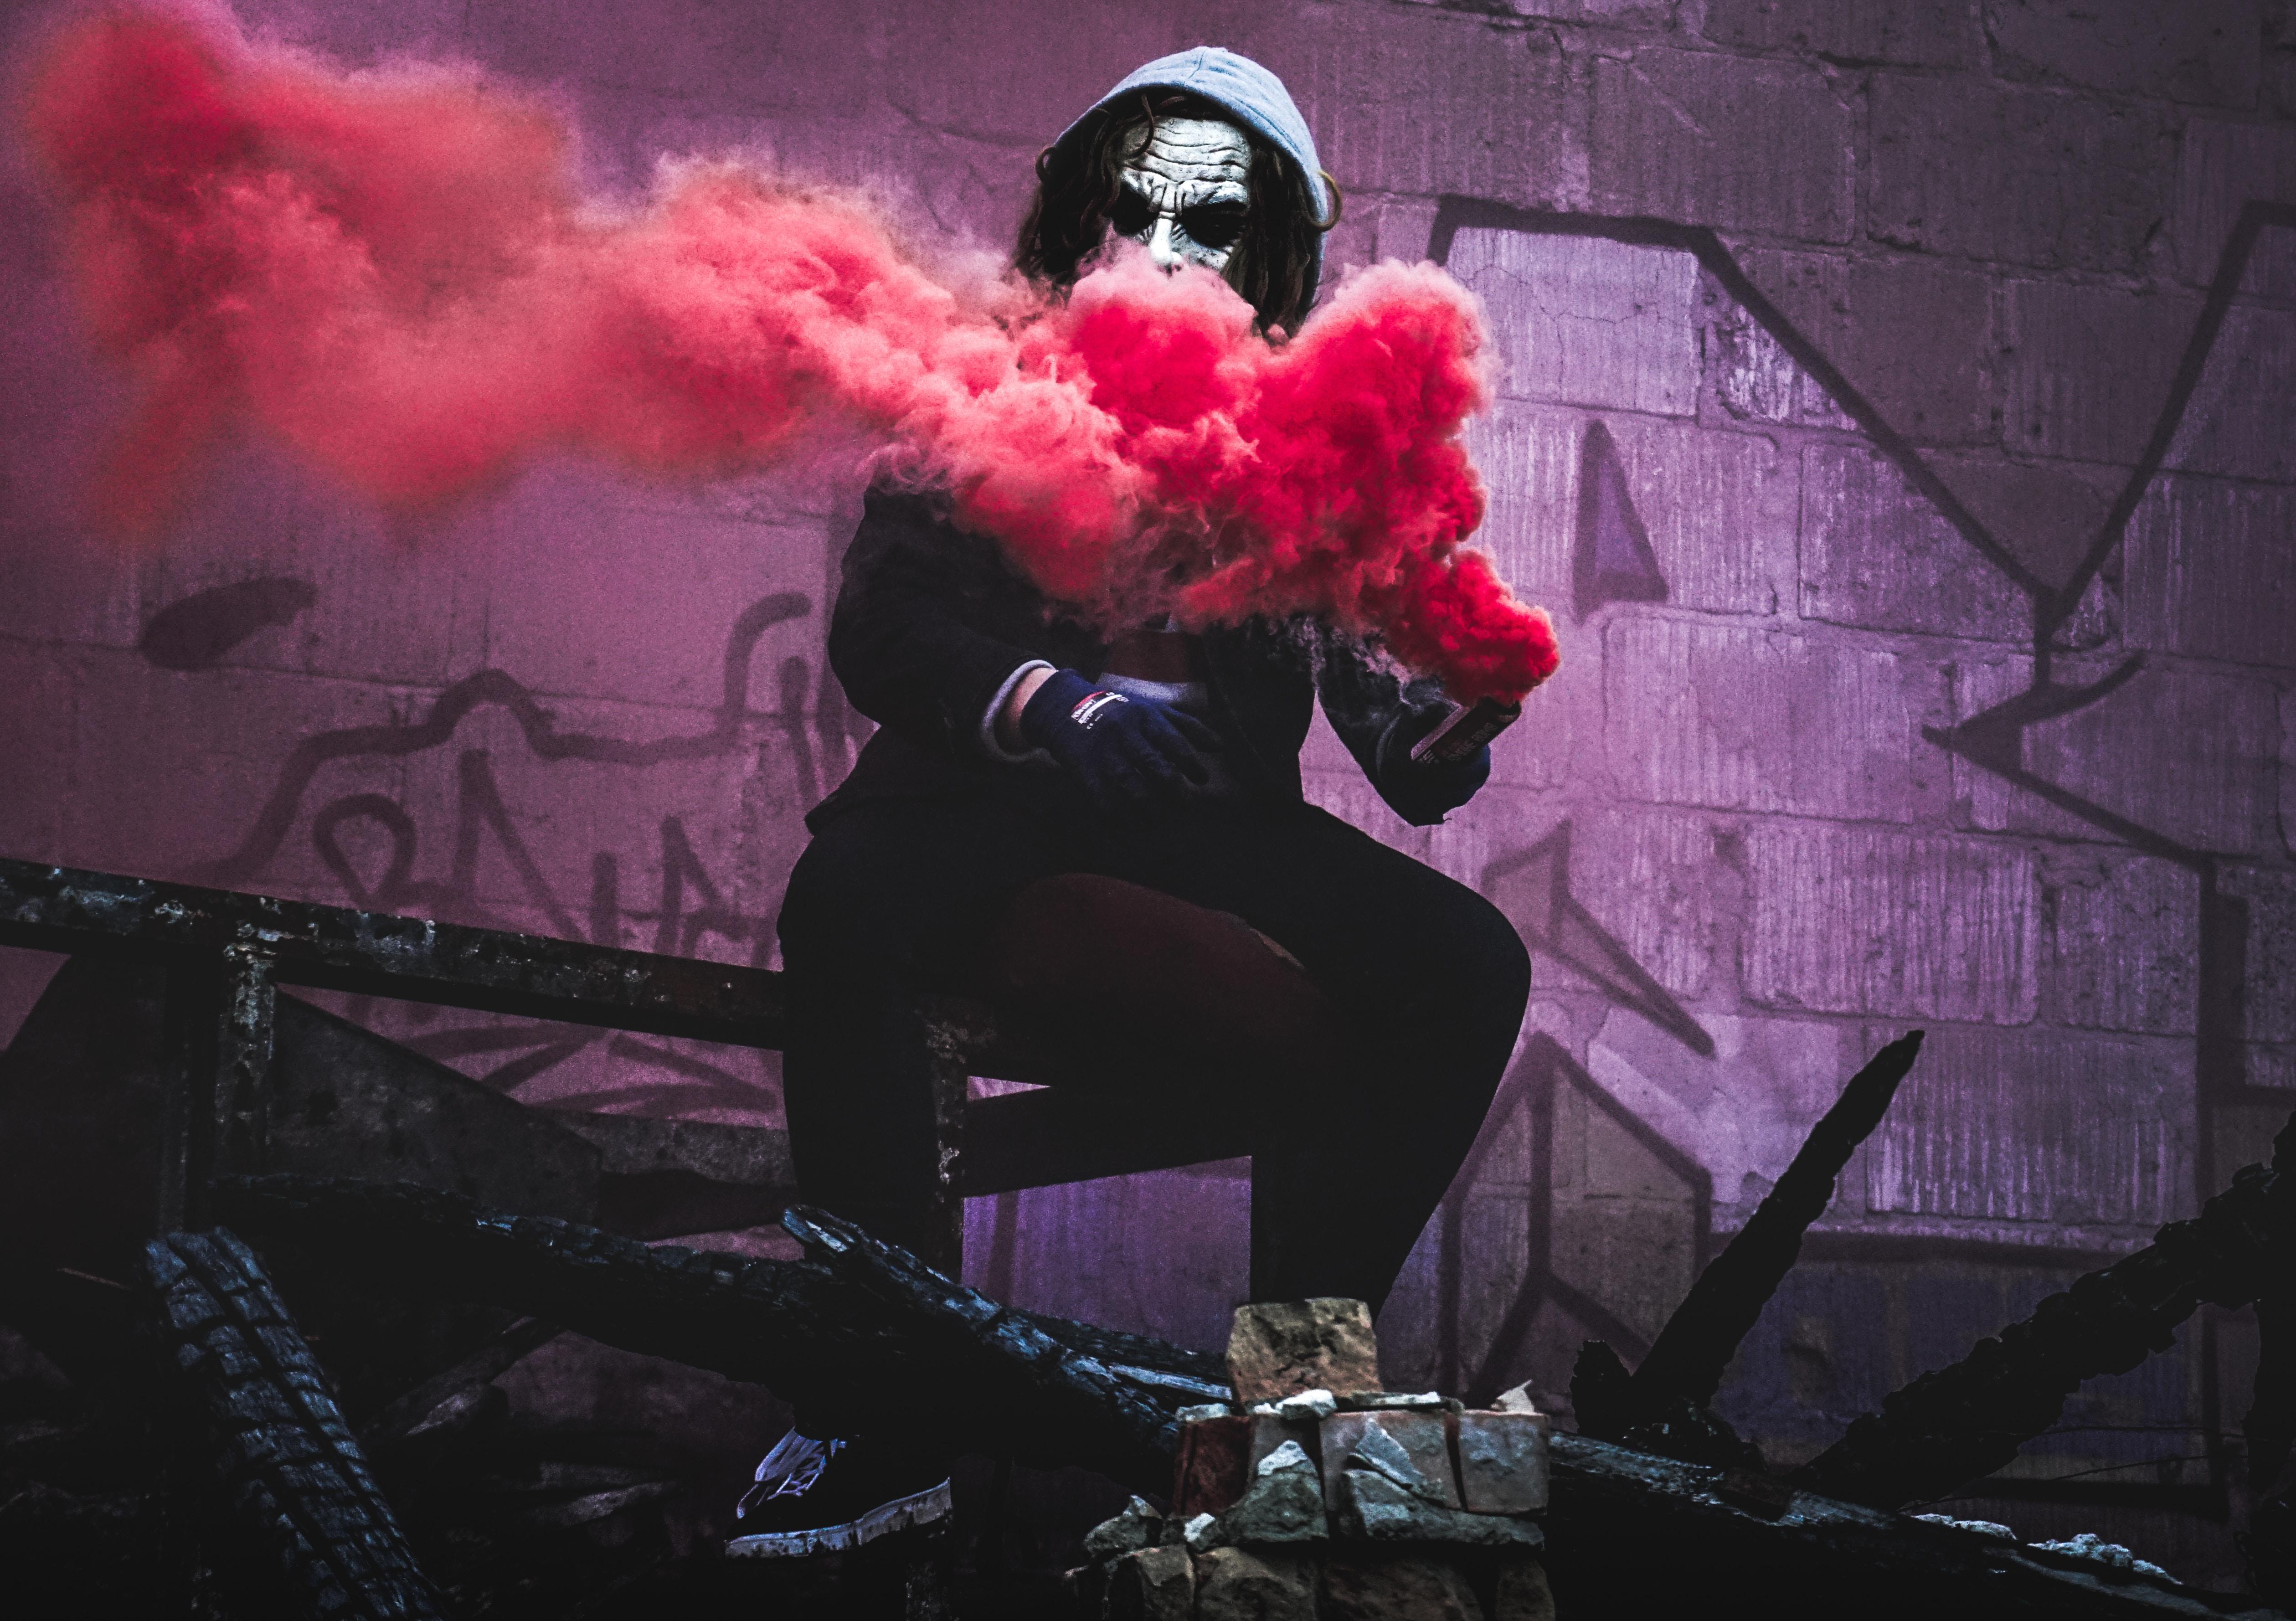 man sitting while holding red smoke signal